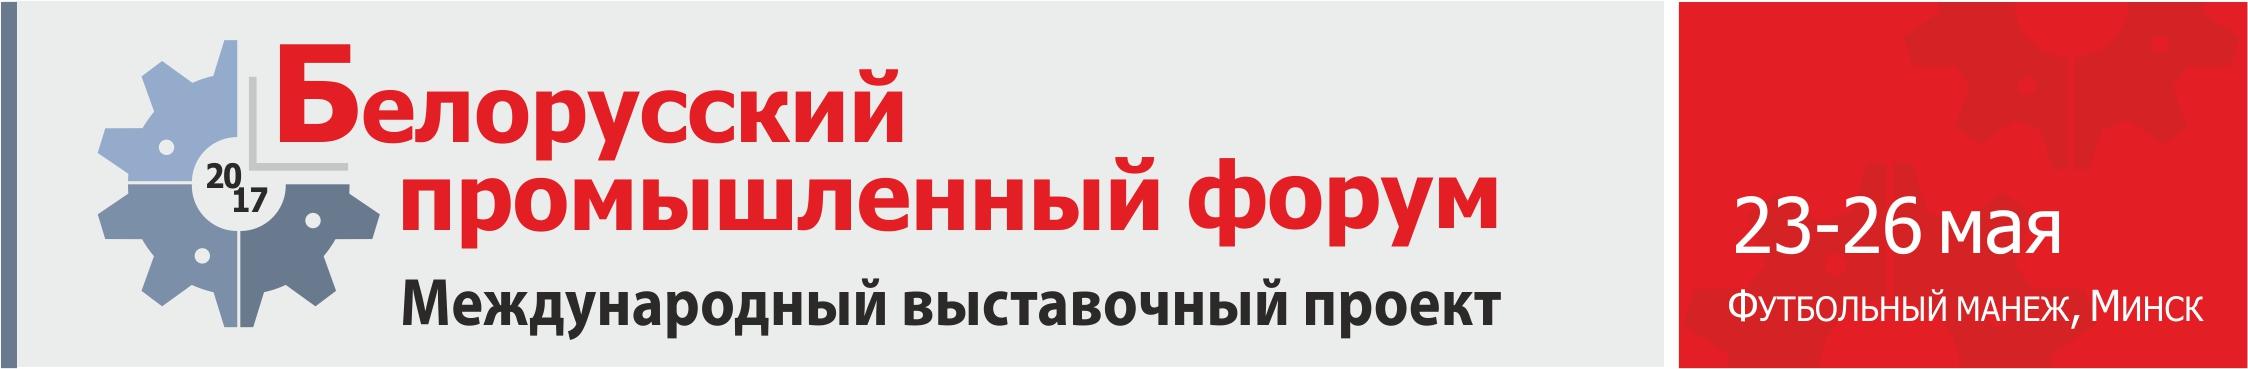 Белорусский промышленный форум 2017 (анонс)